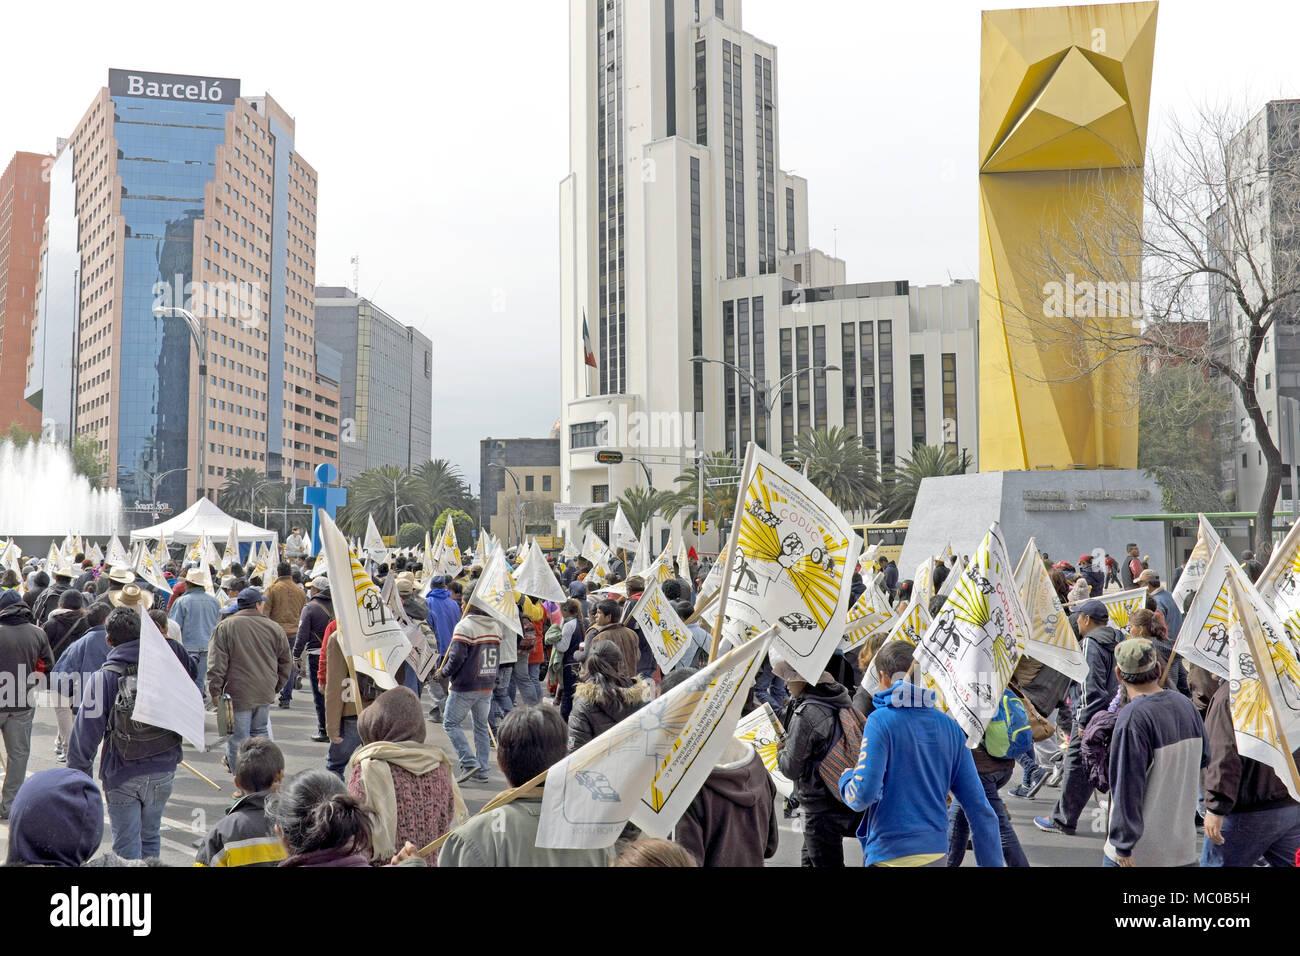 Los manifestantes CODUC marzo pasado El Caballito hacia el Monumento a la revolución en la Ciudad de México para protestar contra las políticas agrícolas. Imagen De Stock